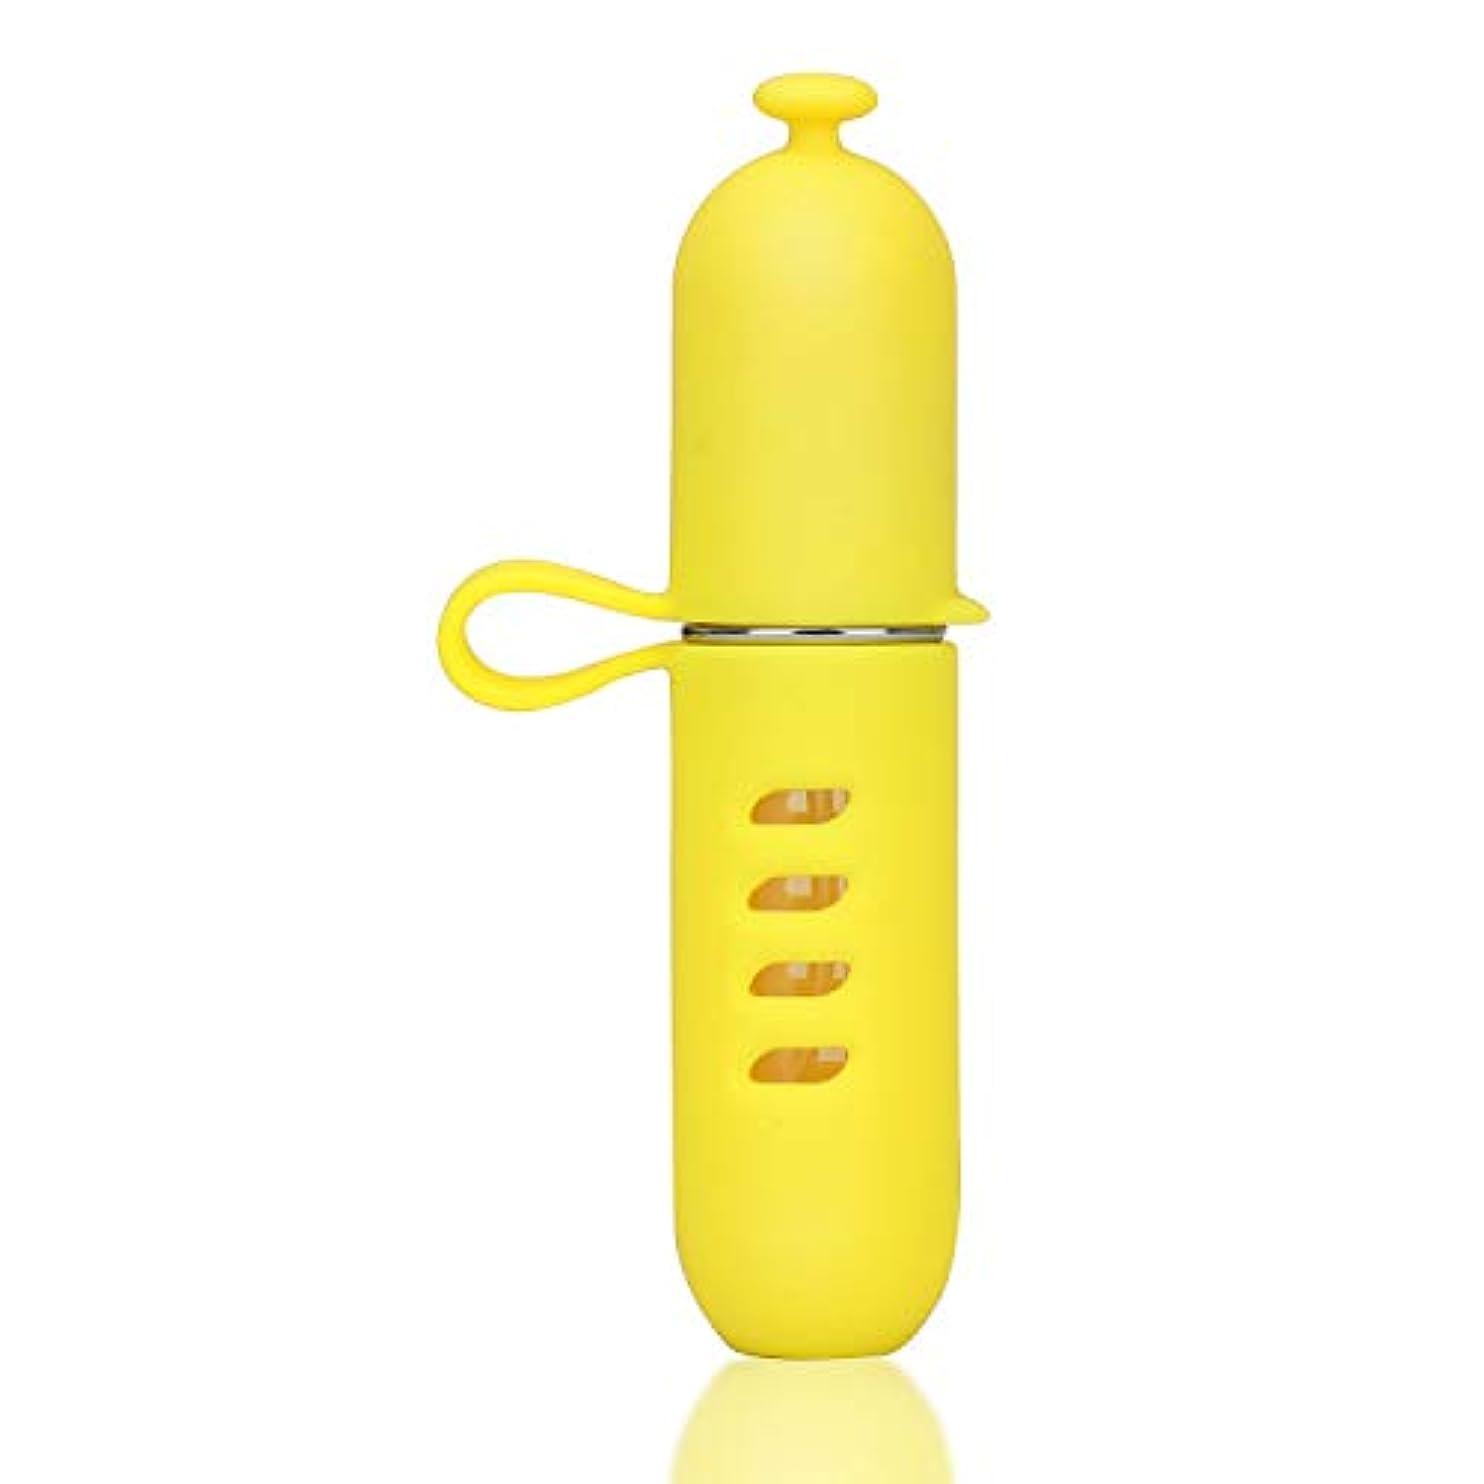 修理工任意ビートMOOMU アトマイザー 香水 スプレー 噴霧器 詰め替え容器 底部充填方式 携帯用5ml (レモンイエロー)